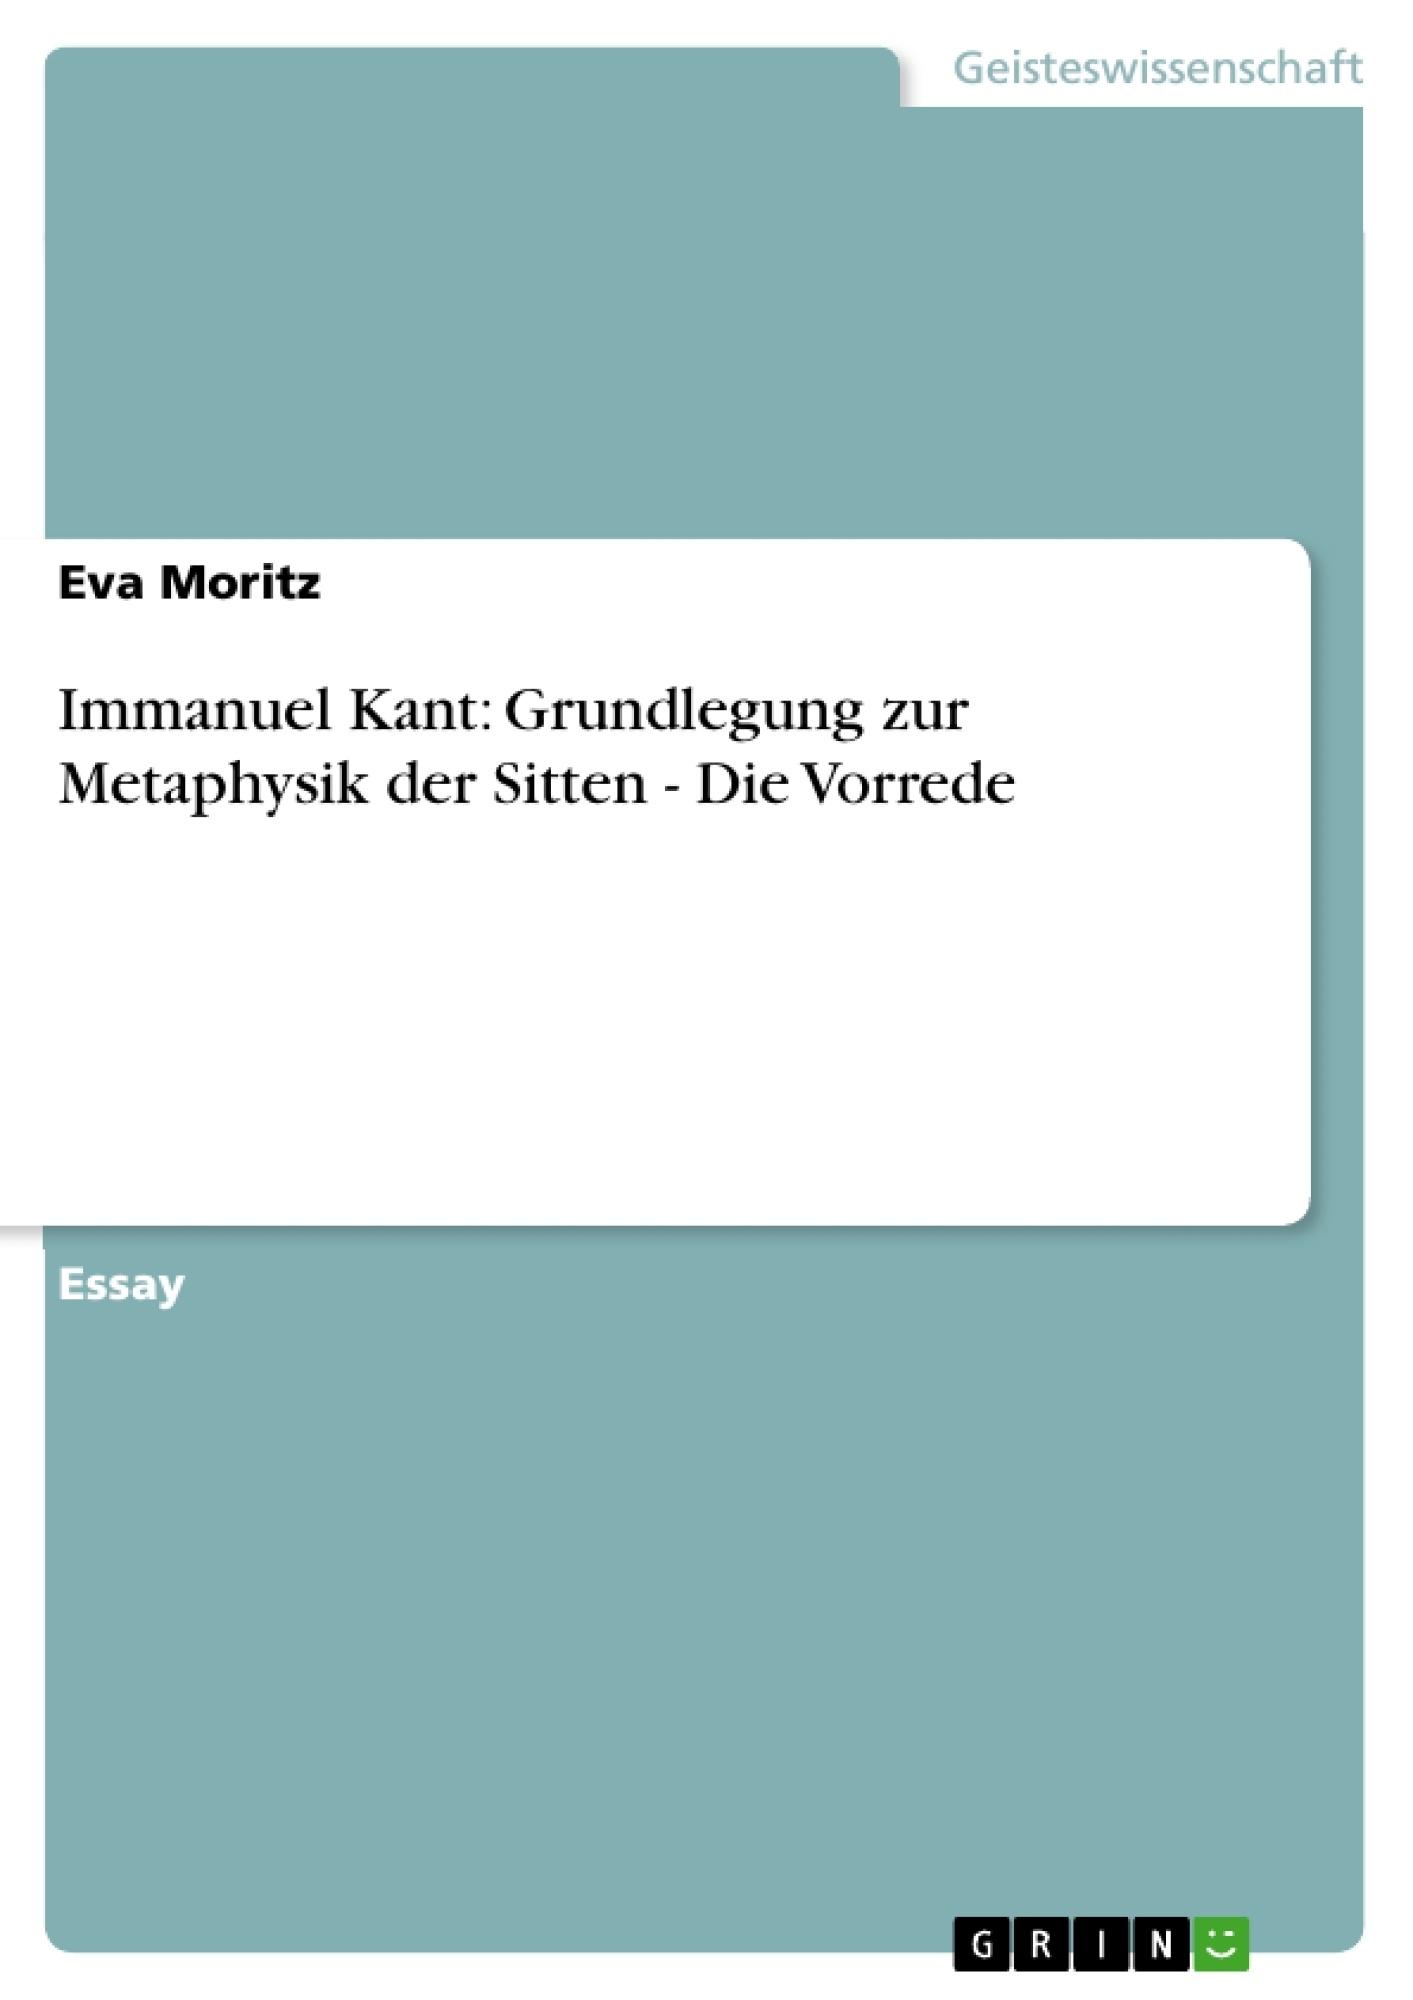 Titel: Immanuel Kant: Grundlegung zur Metaphysik der Sitten - Die Vorrede